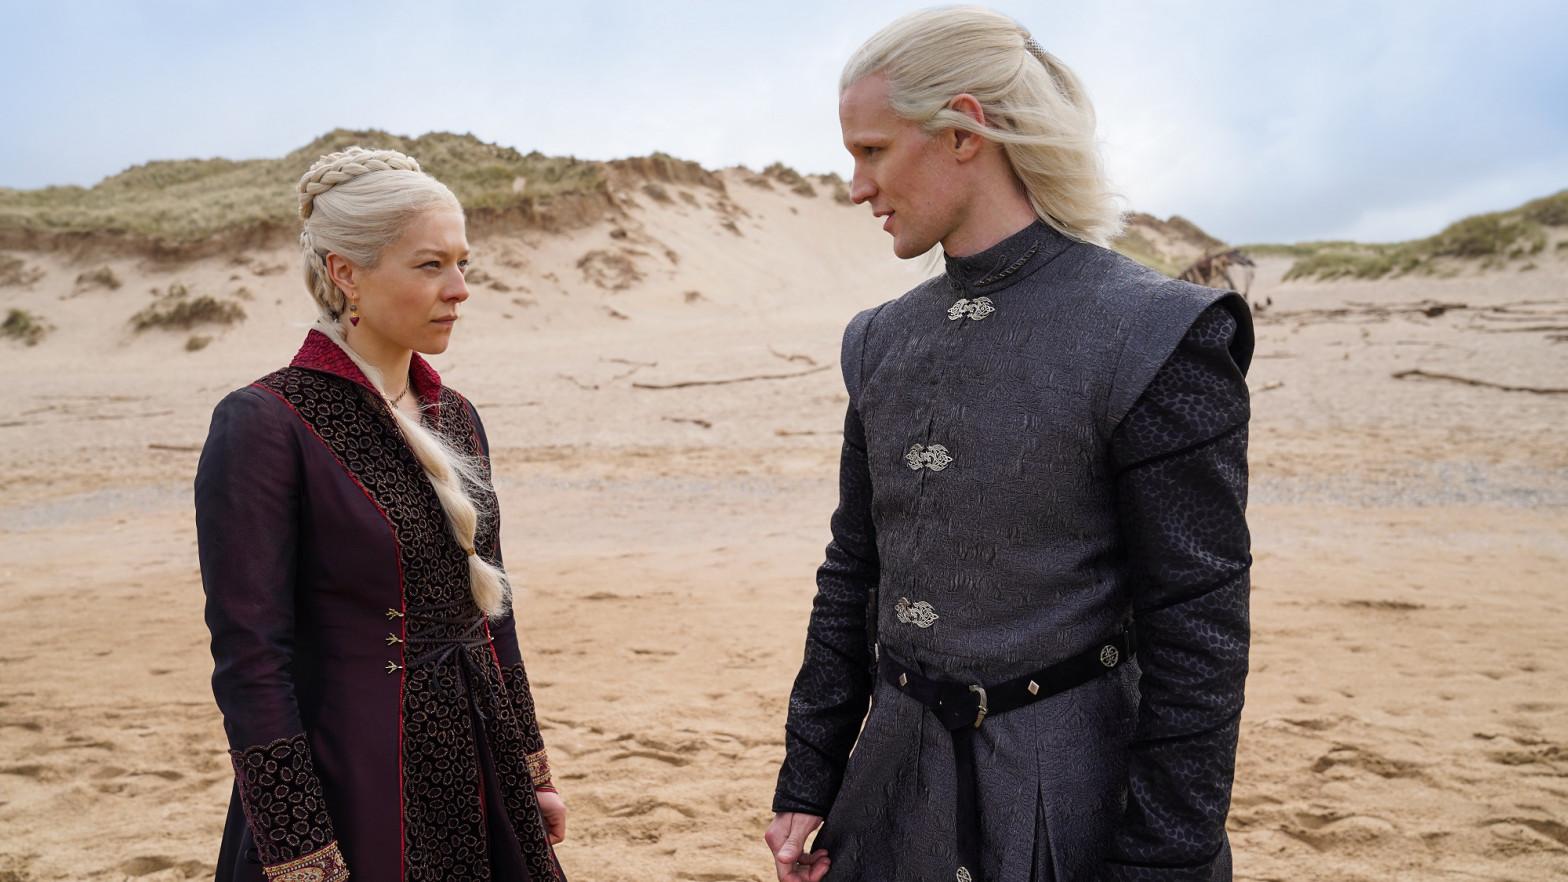 HBO lanza las primeras imágenes y detalles del spin-off de 'Juego de tronos', 'House of the Dragon'